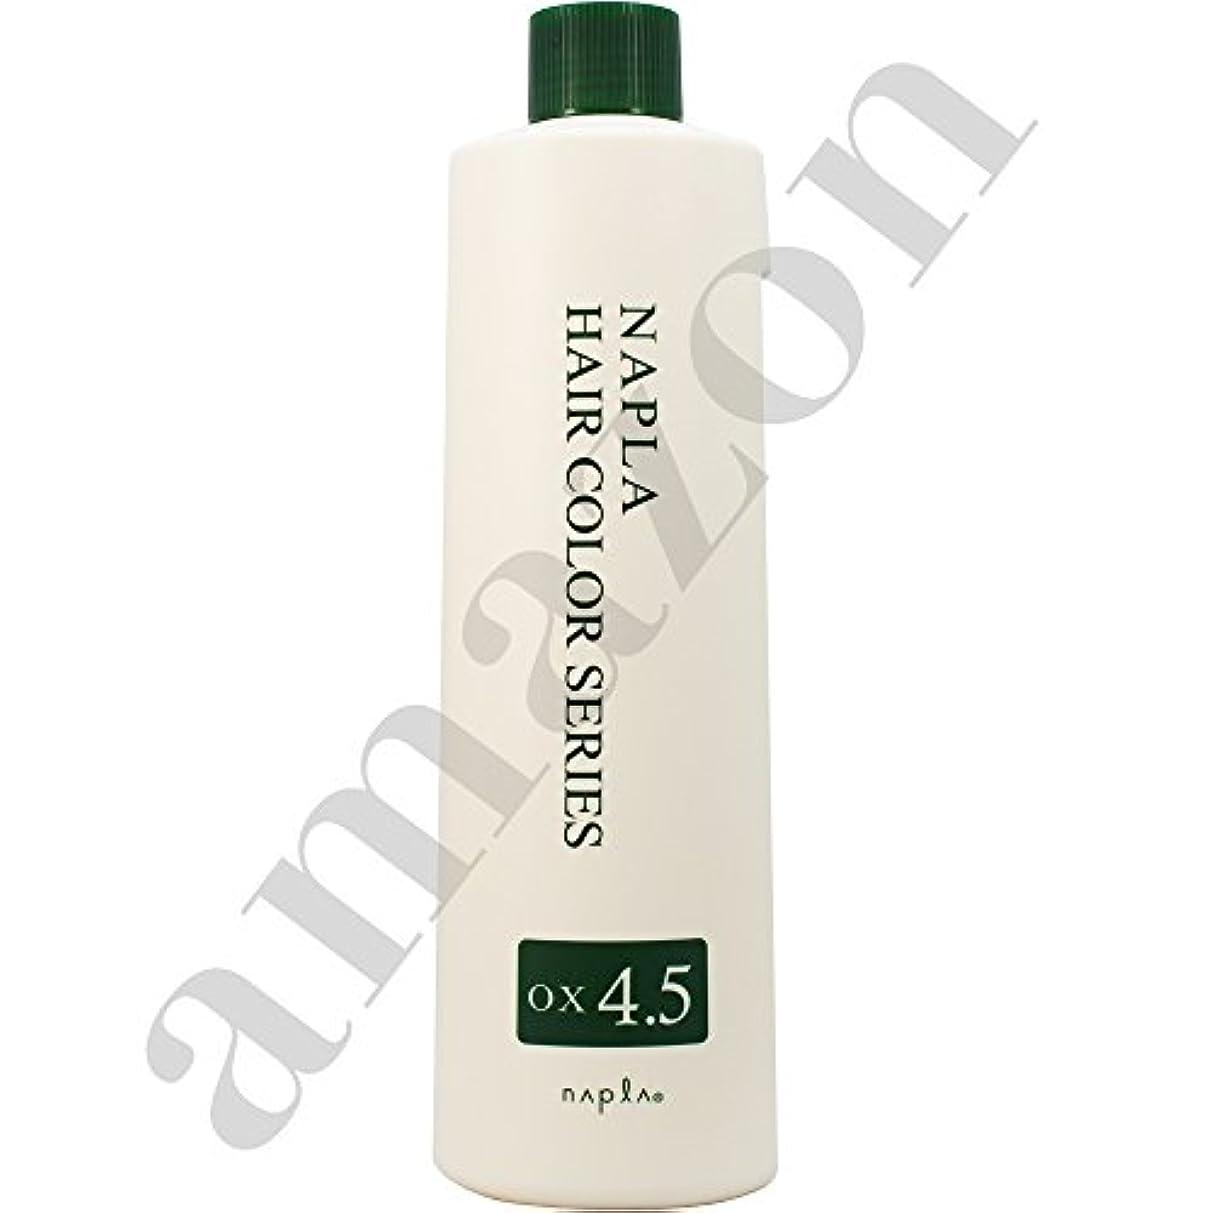 作物コットン普及ナプラ ヘアカラー オキシ 4.5% 第2剤 1000ml 全カラー共通